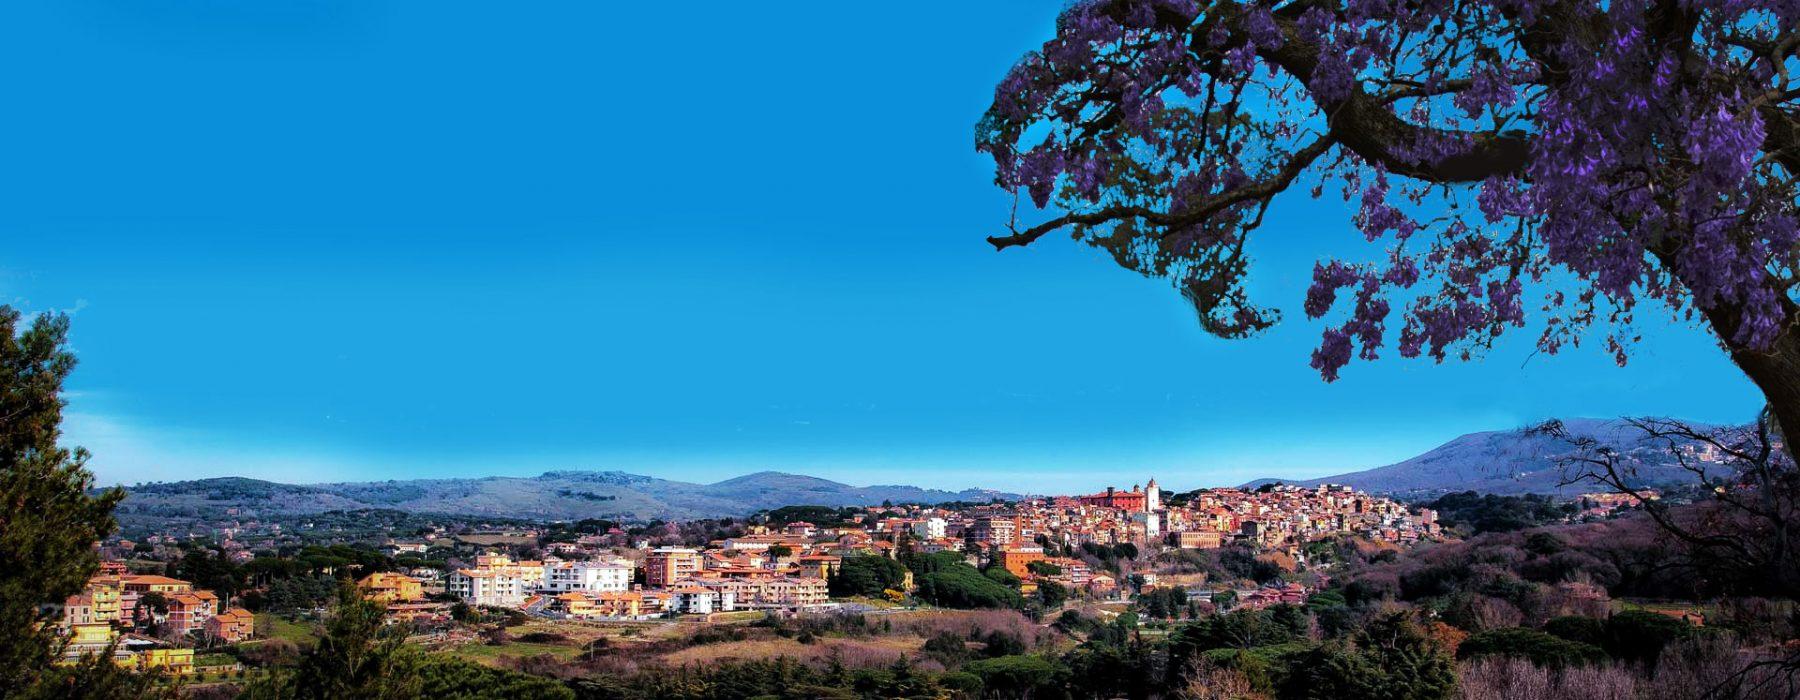 Marino, fascinant et suggestif comme une peinture ancienne